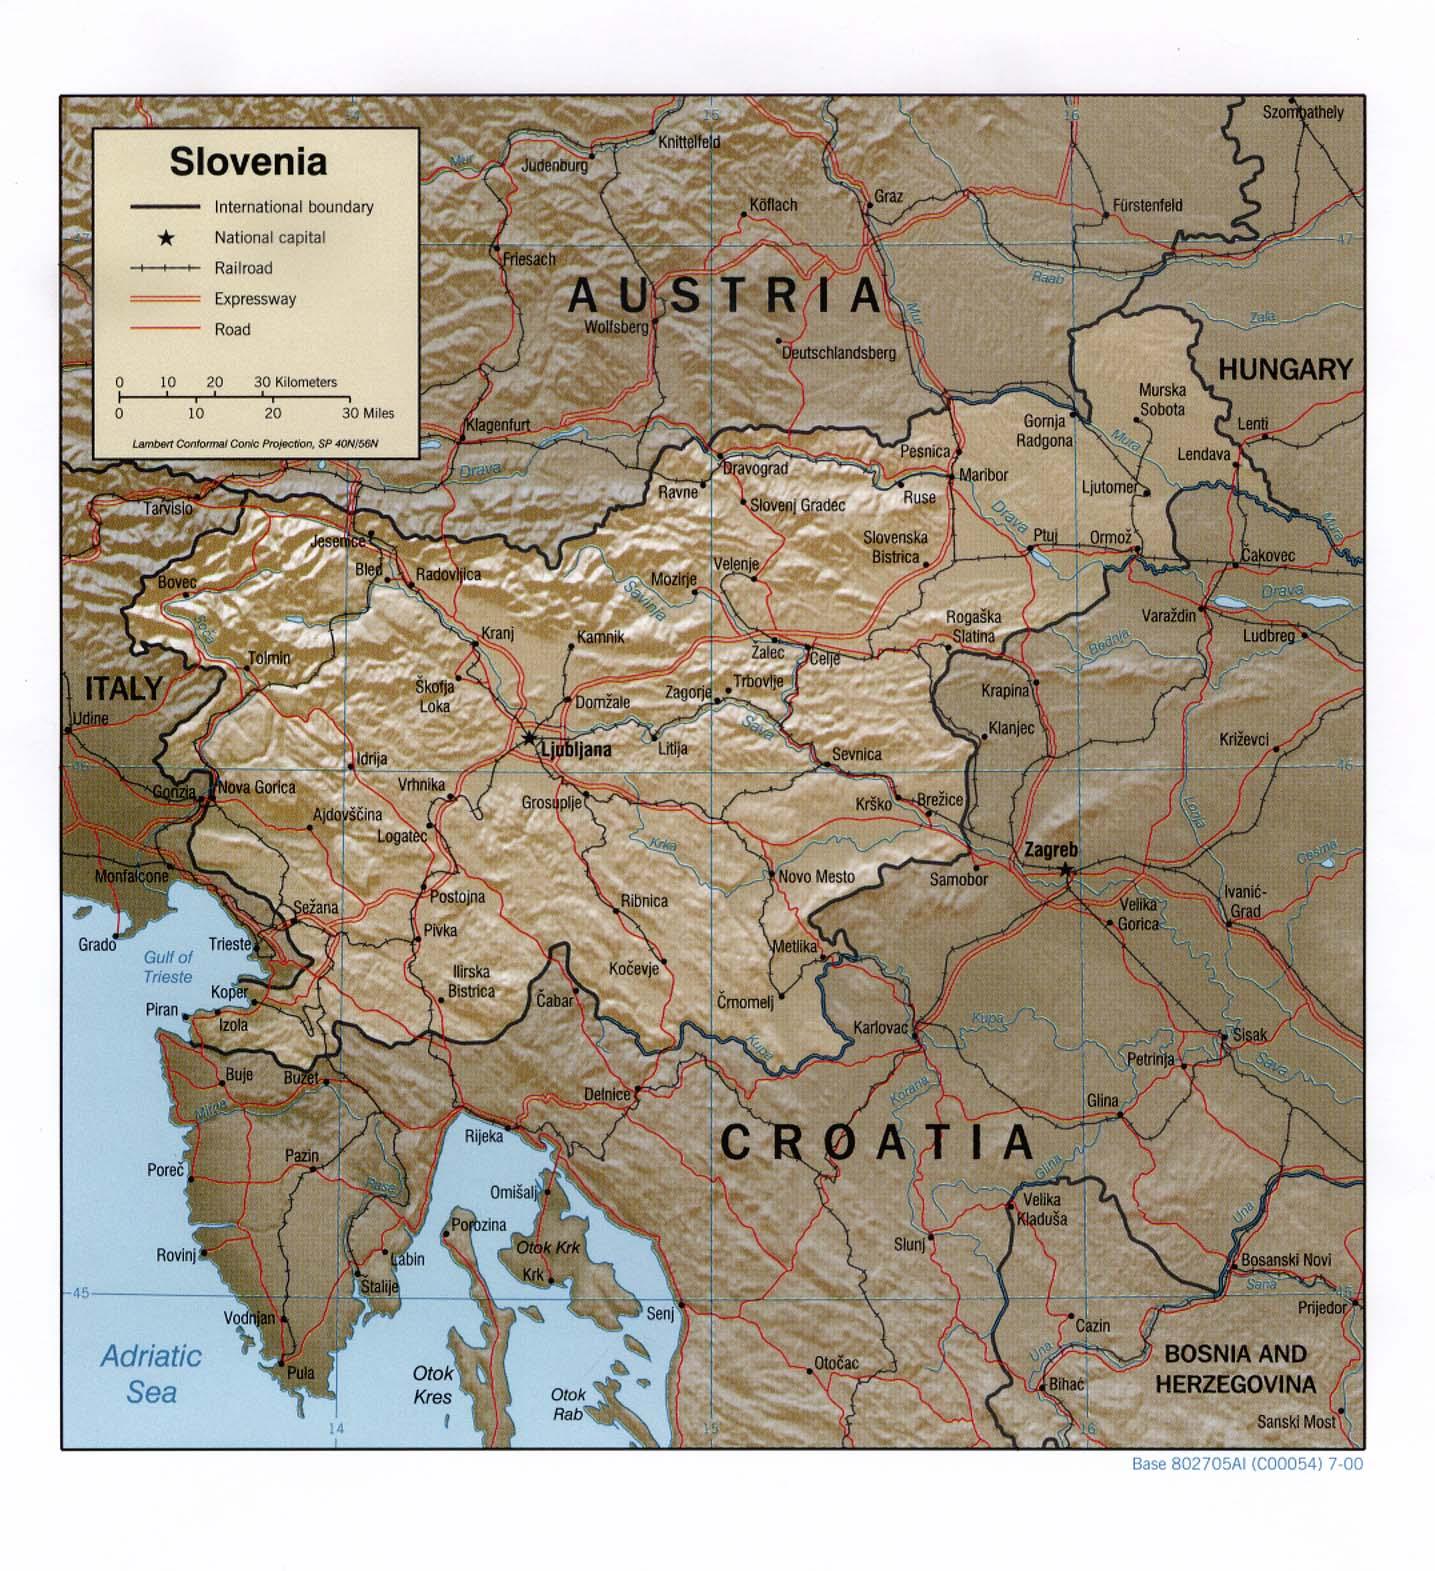 Carte géopolitique de la Slovénie